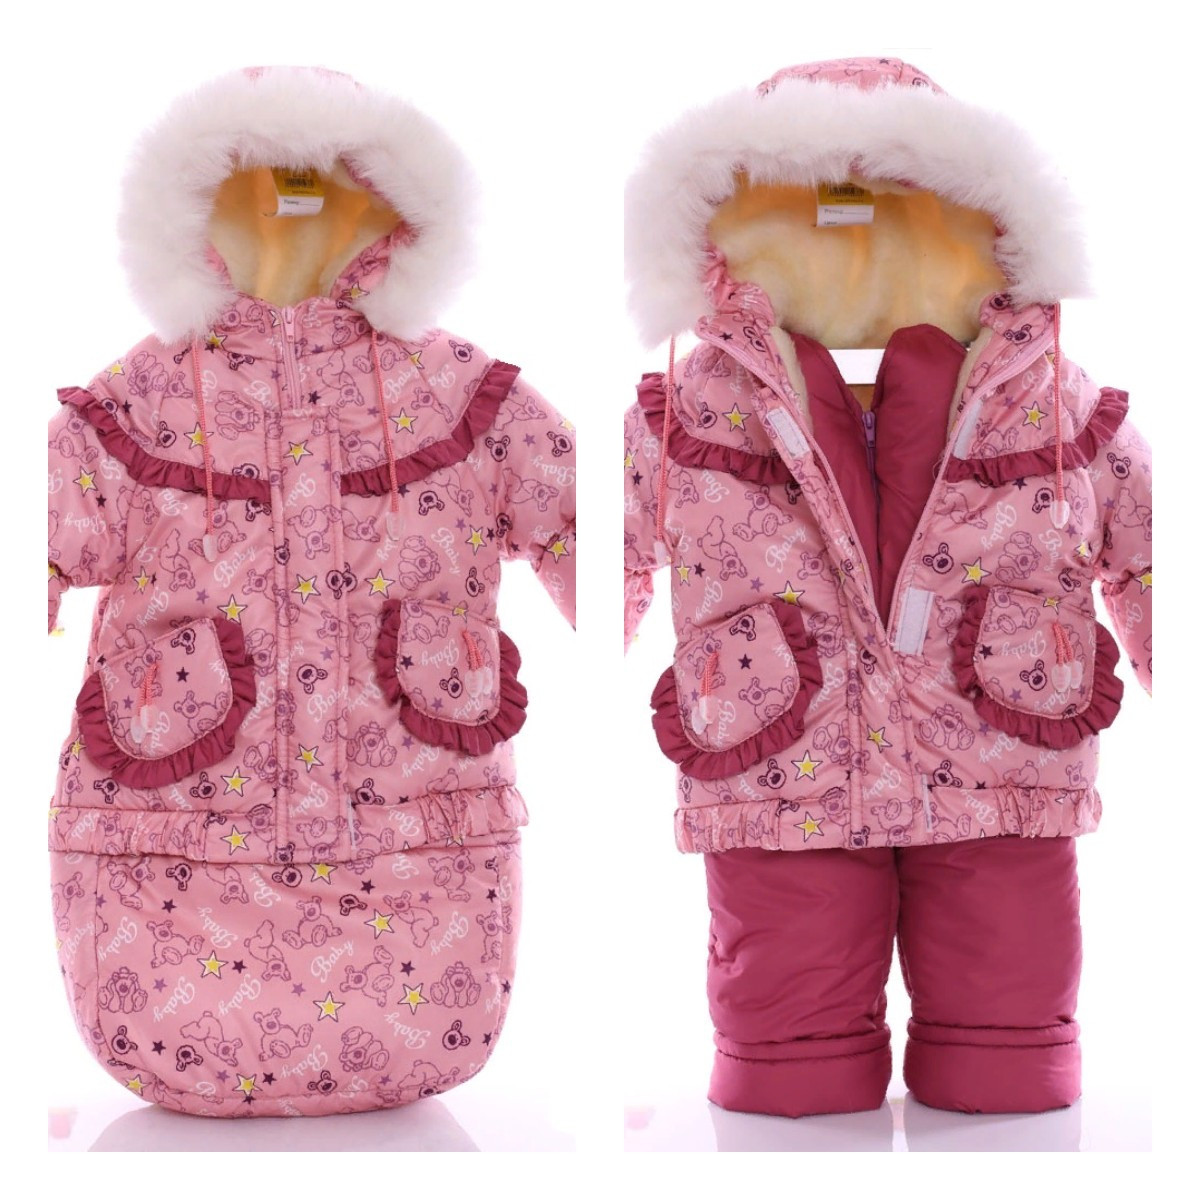 Дитячий костюм-трійка (конверт+курточка+напівкомбінезон) для дівчинки Рожевий бебі